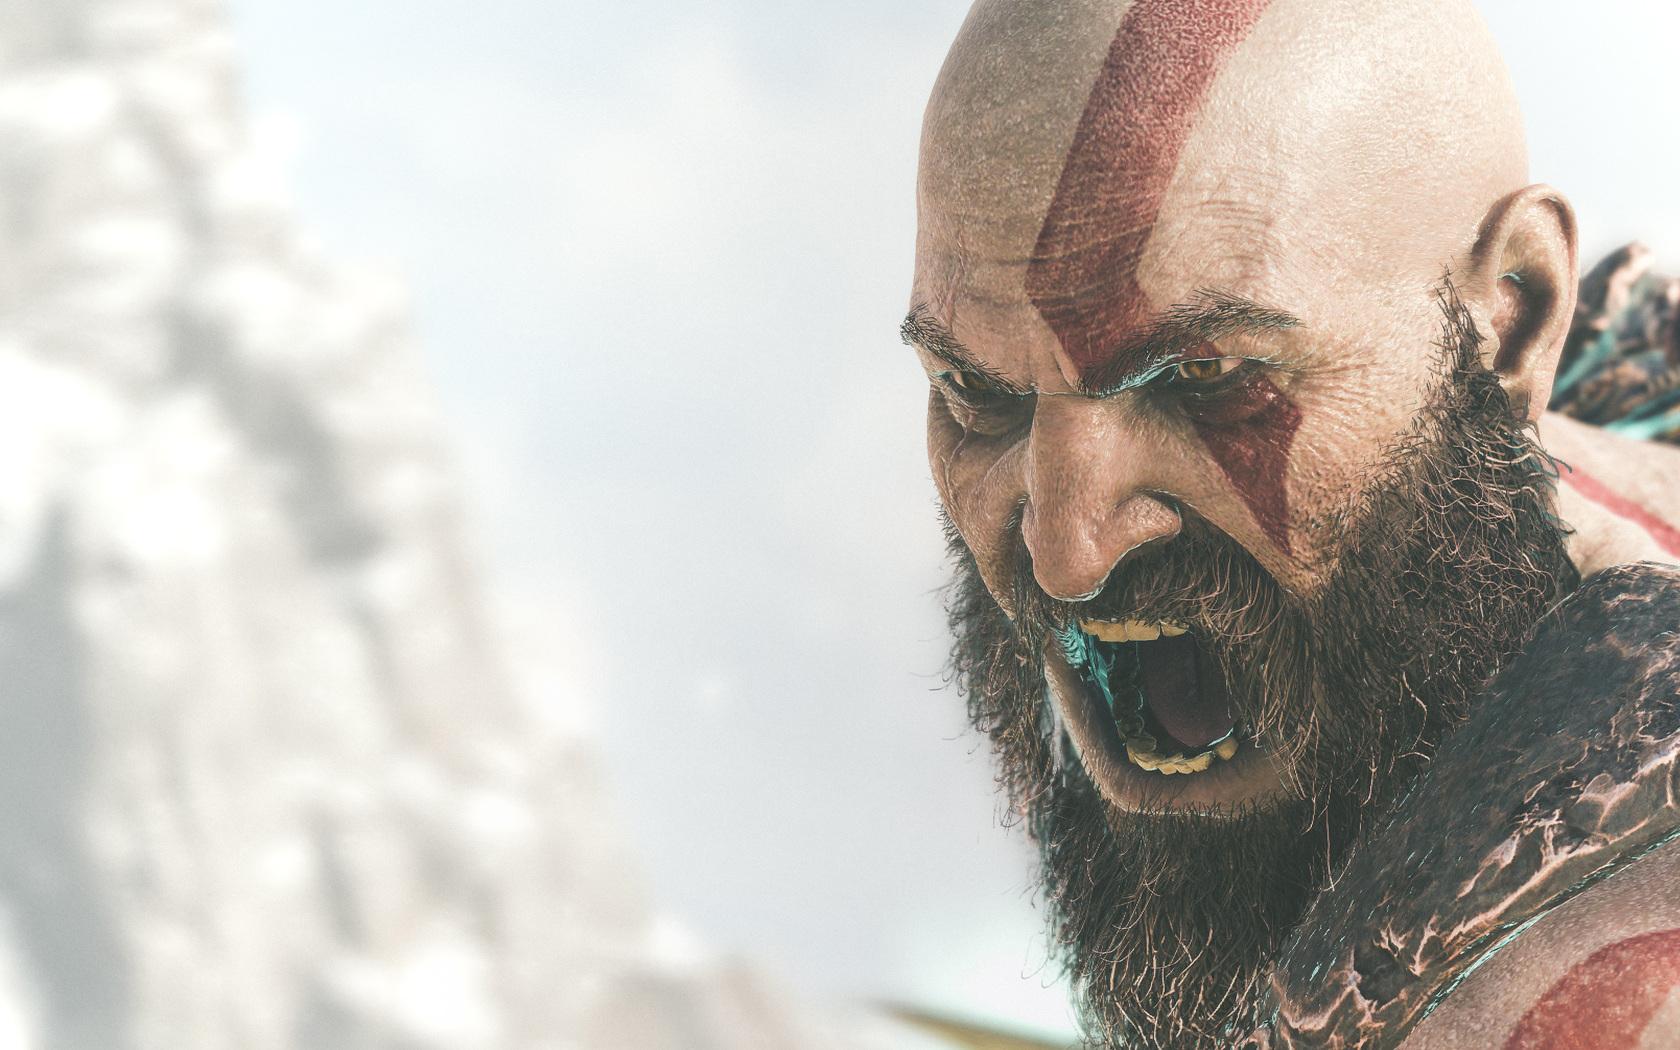 2018-kratos-god-of-war-4k-nz.jpg